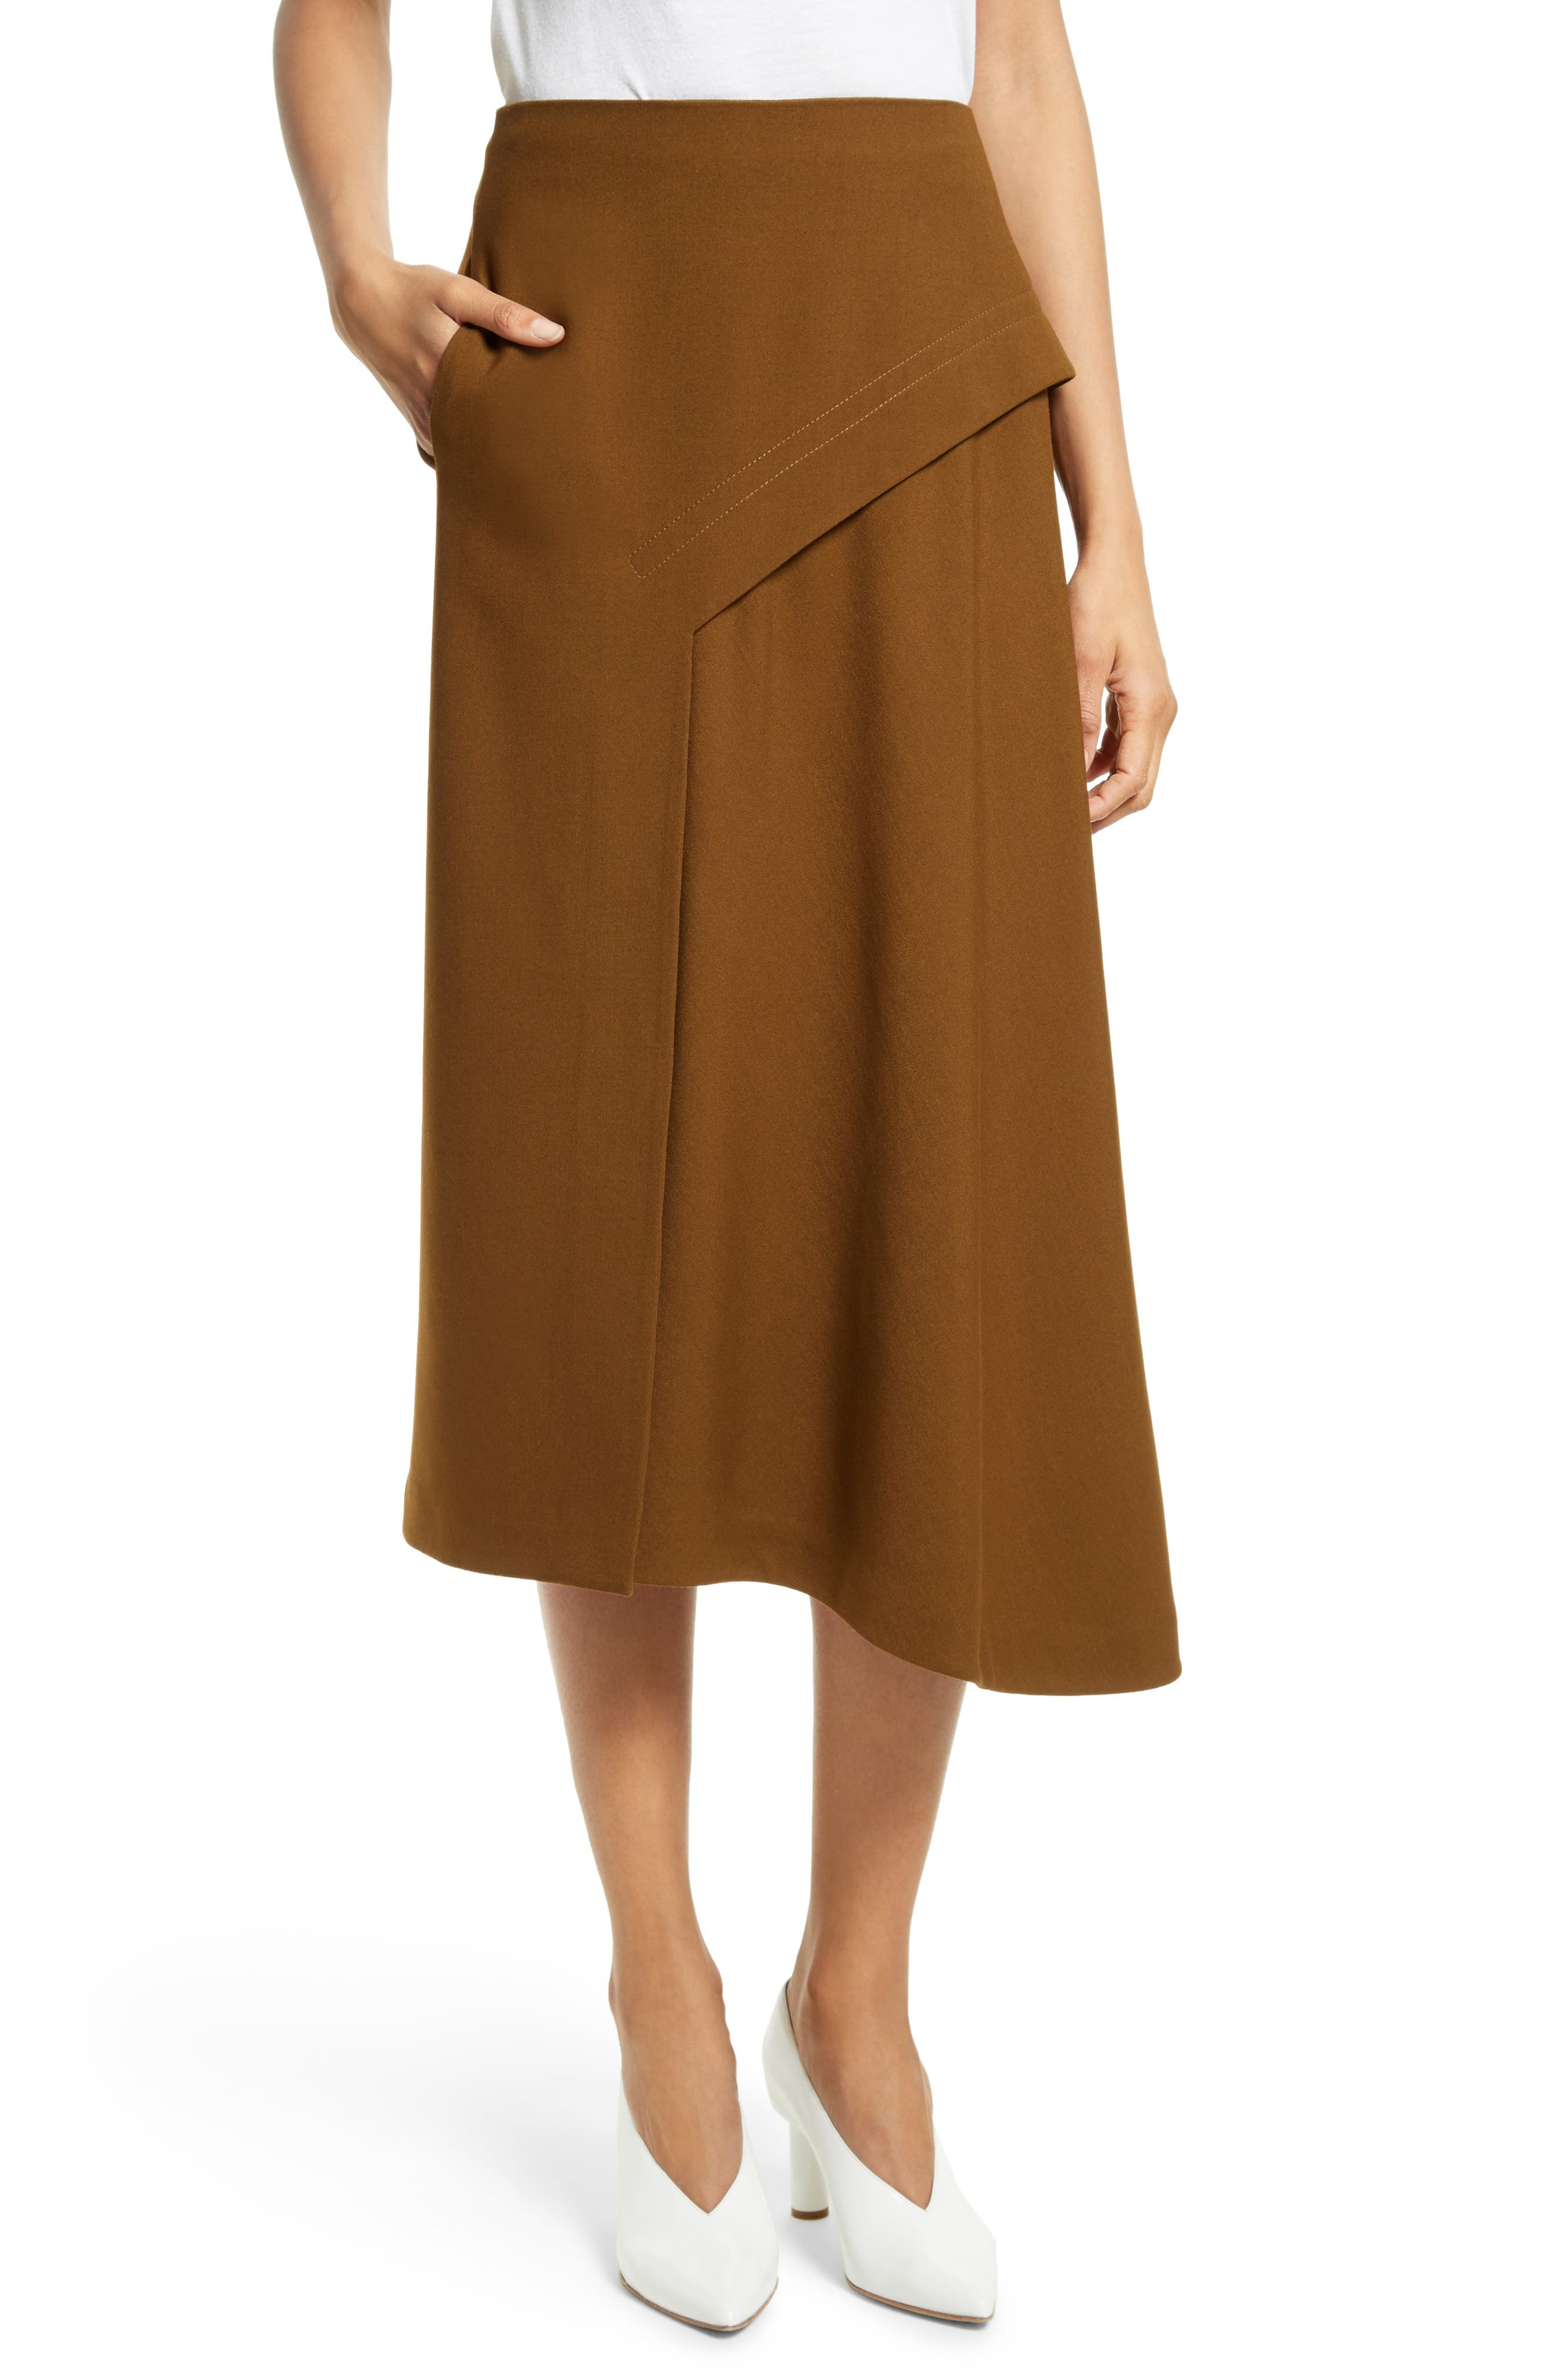 TIBI Draped Twill Skirt